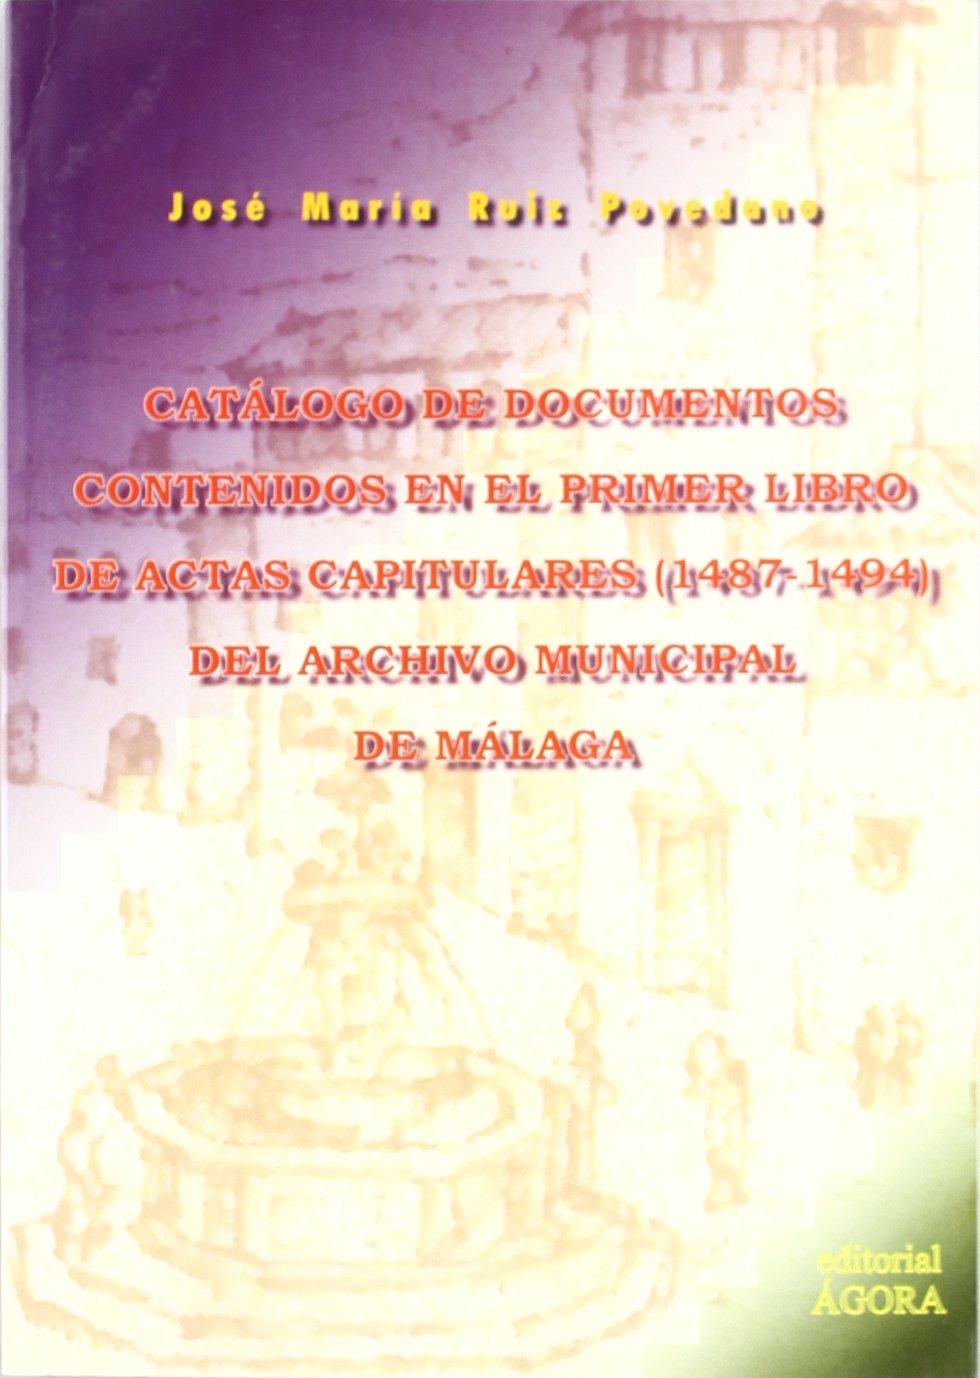 Catalogo de documentos contenidos en el primer libro de actas capitulas 1487-1494 archivo munic.Málaga: Amazon.es: José María Ruiz Povedano: Libros